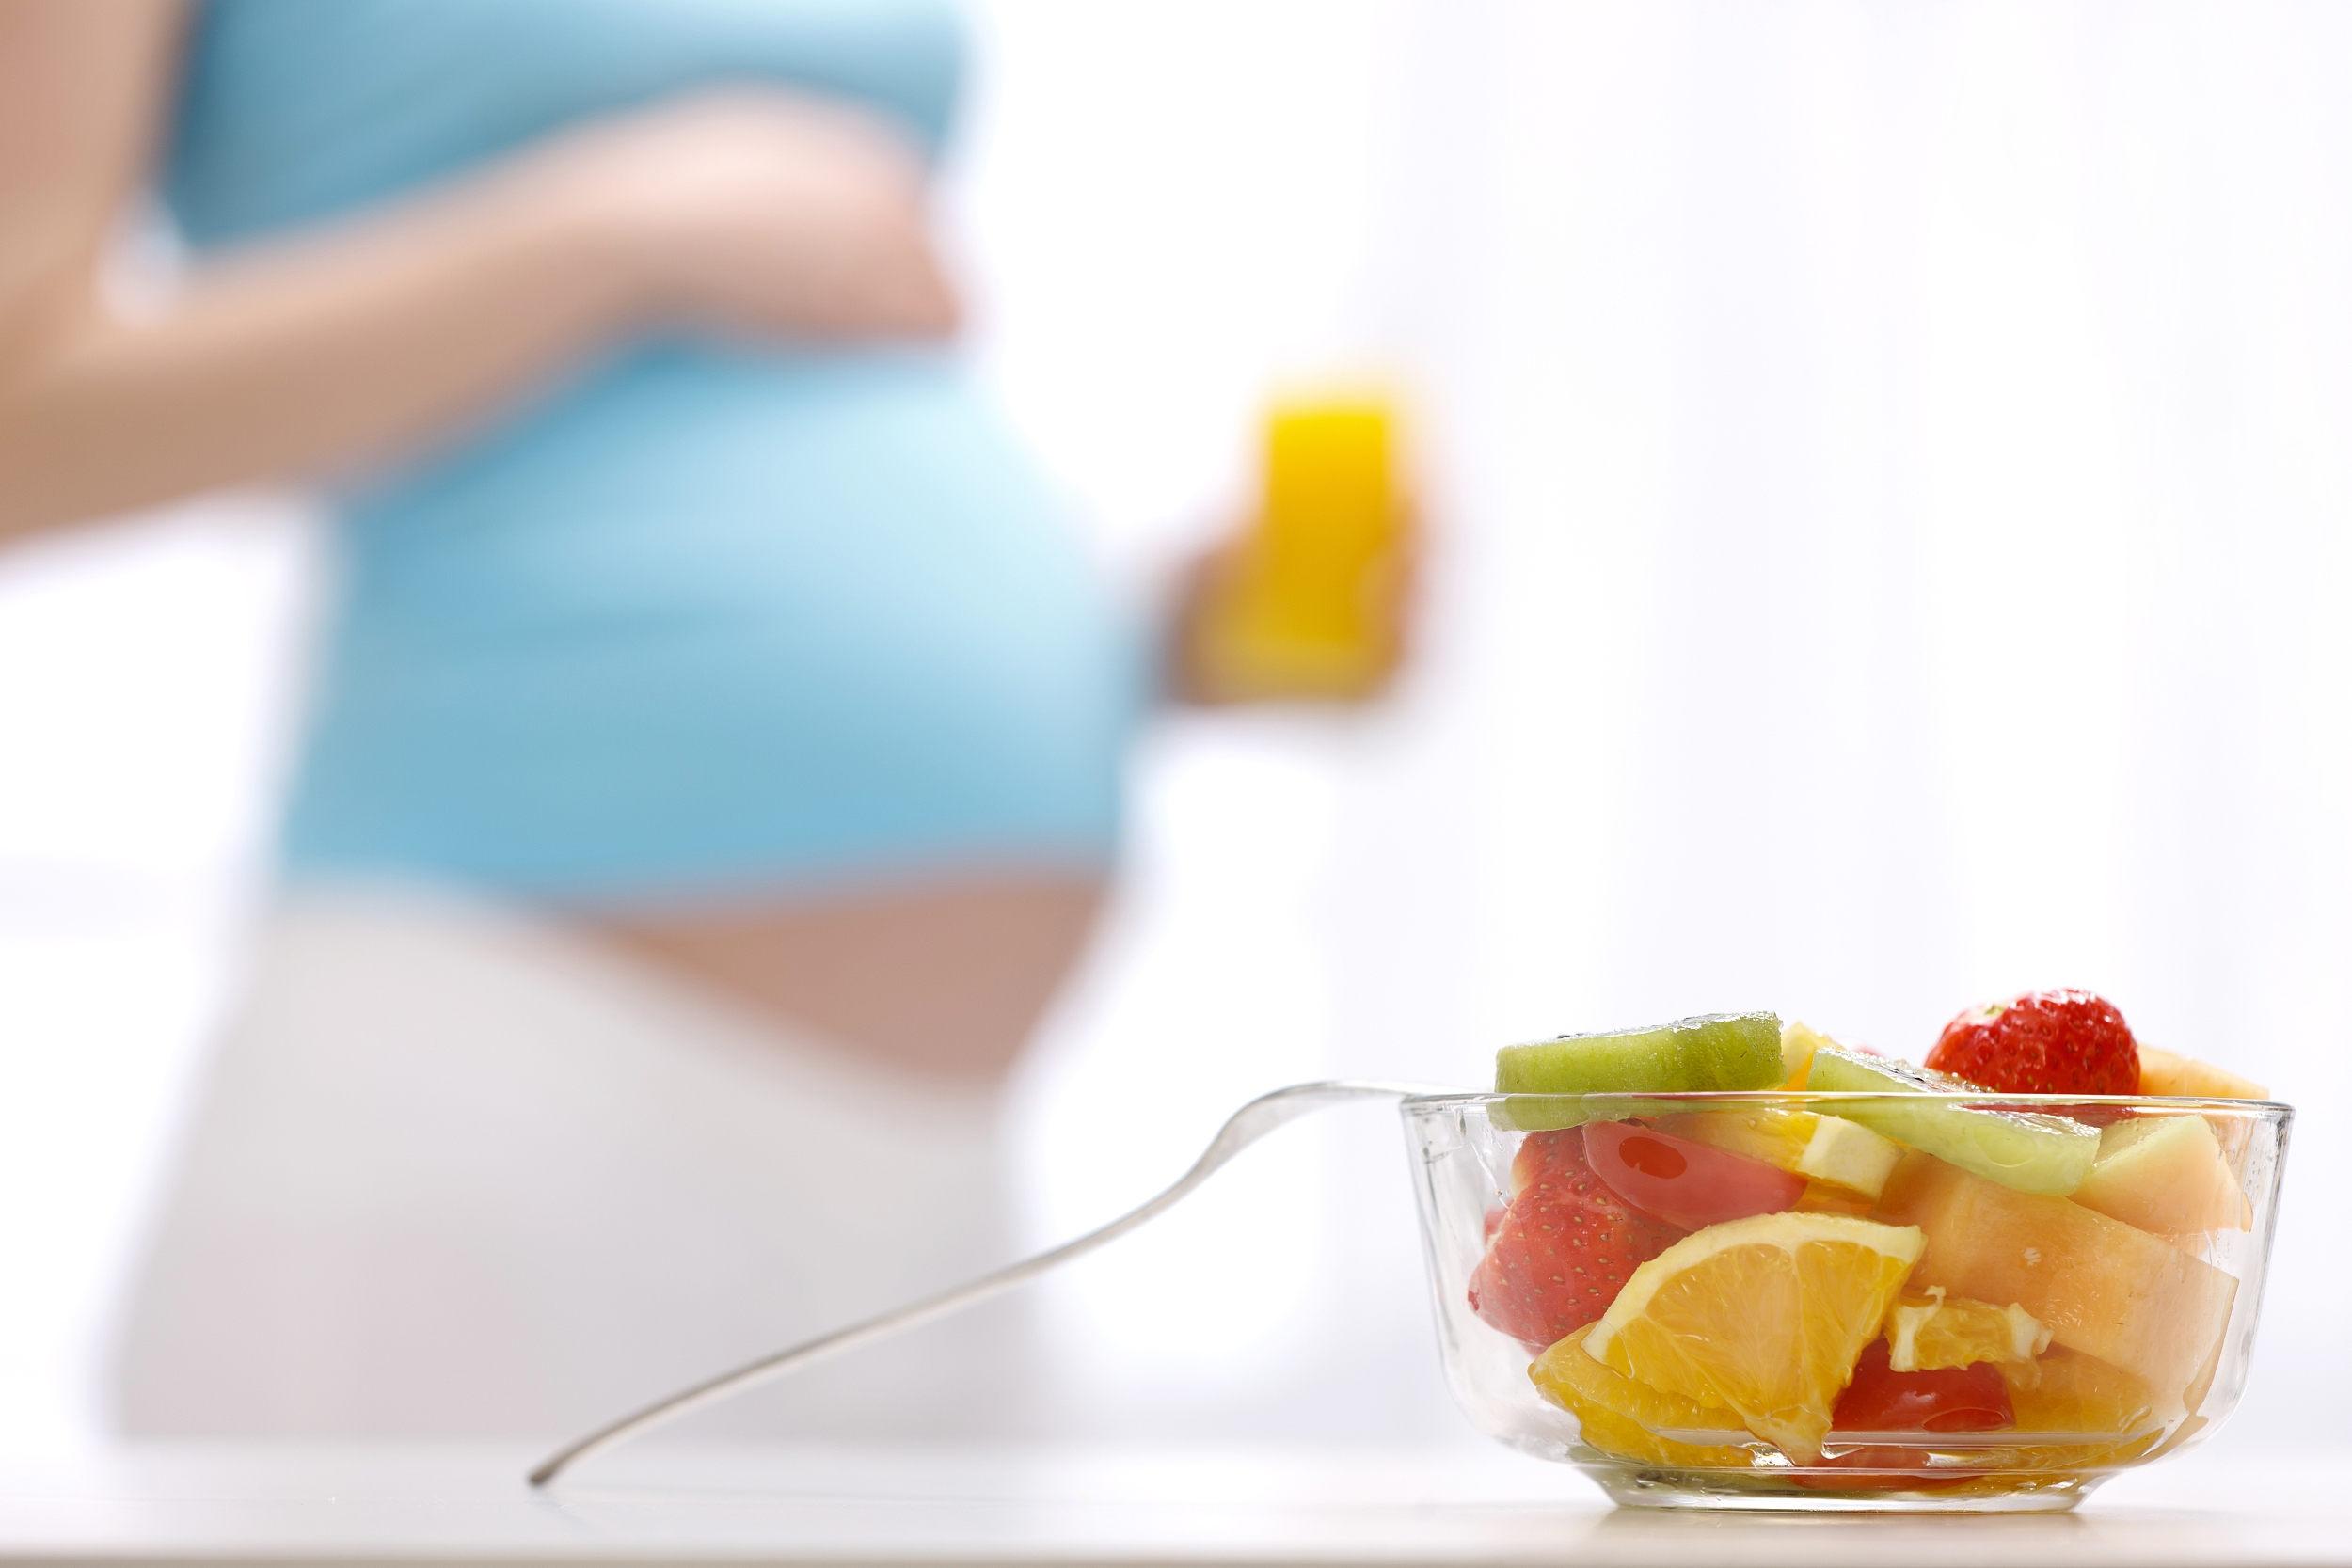 怀孕忌口不靠谱 均衡饮食最关键